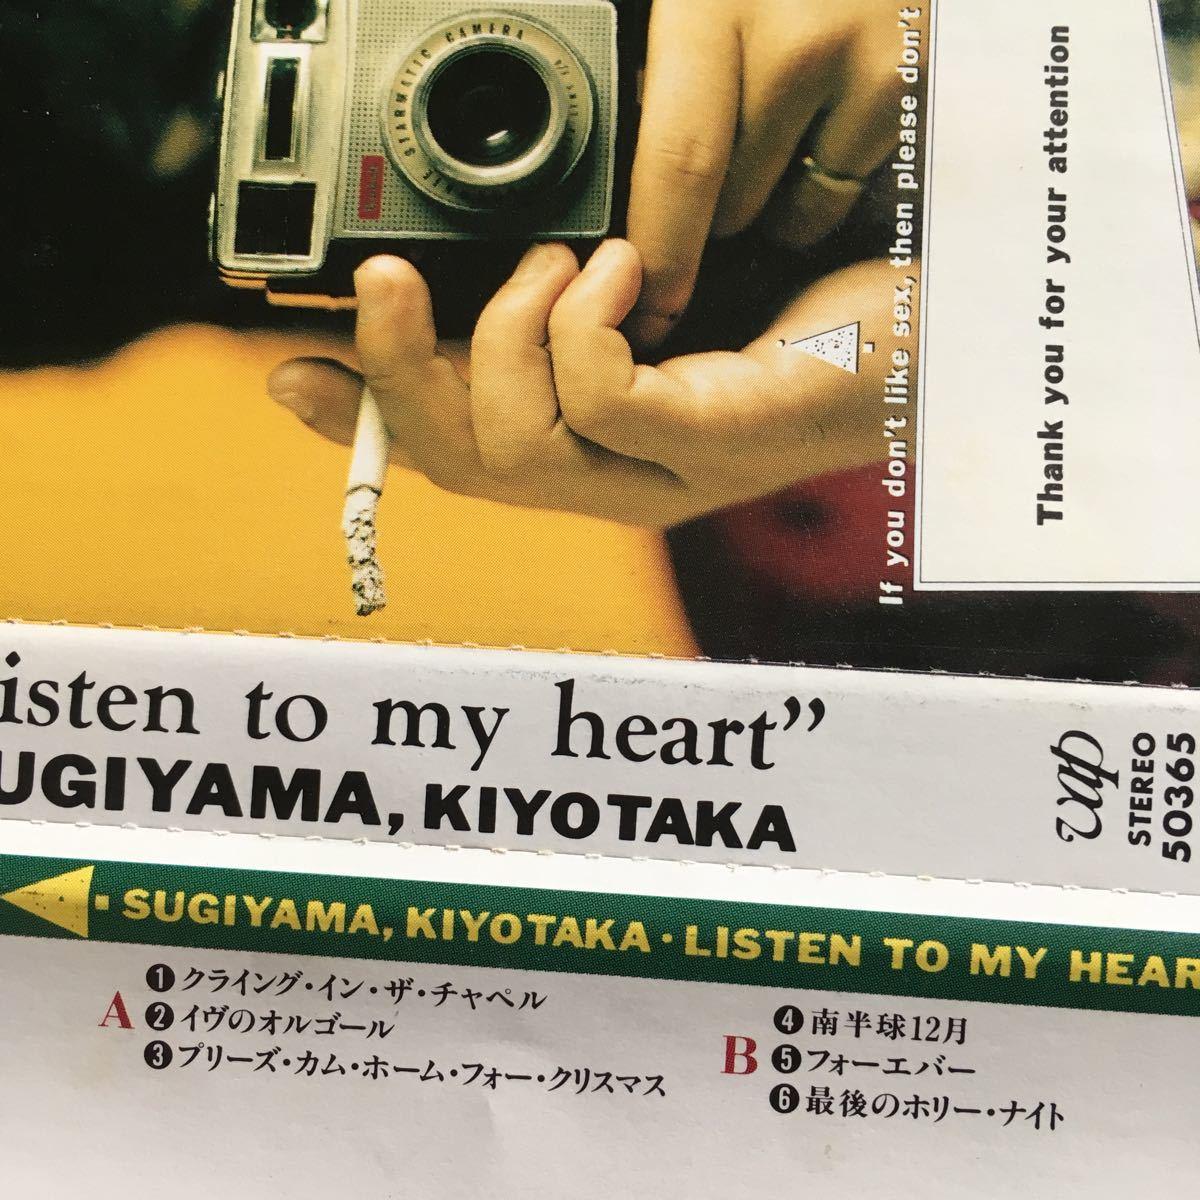 送料100円■杉山清貴■Listen to my heart ■中古カセットテープ_画像8